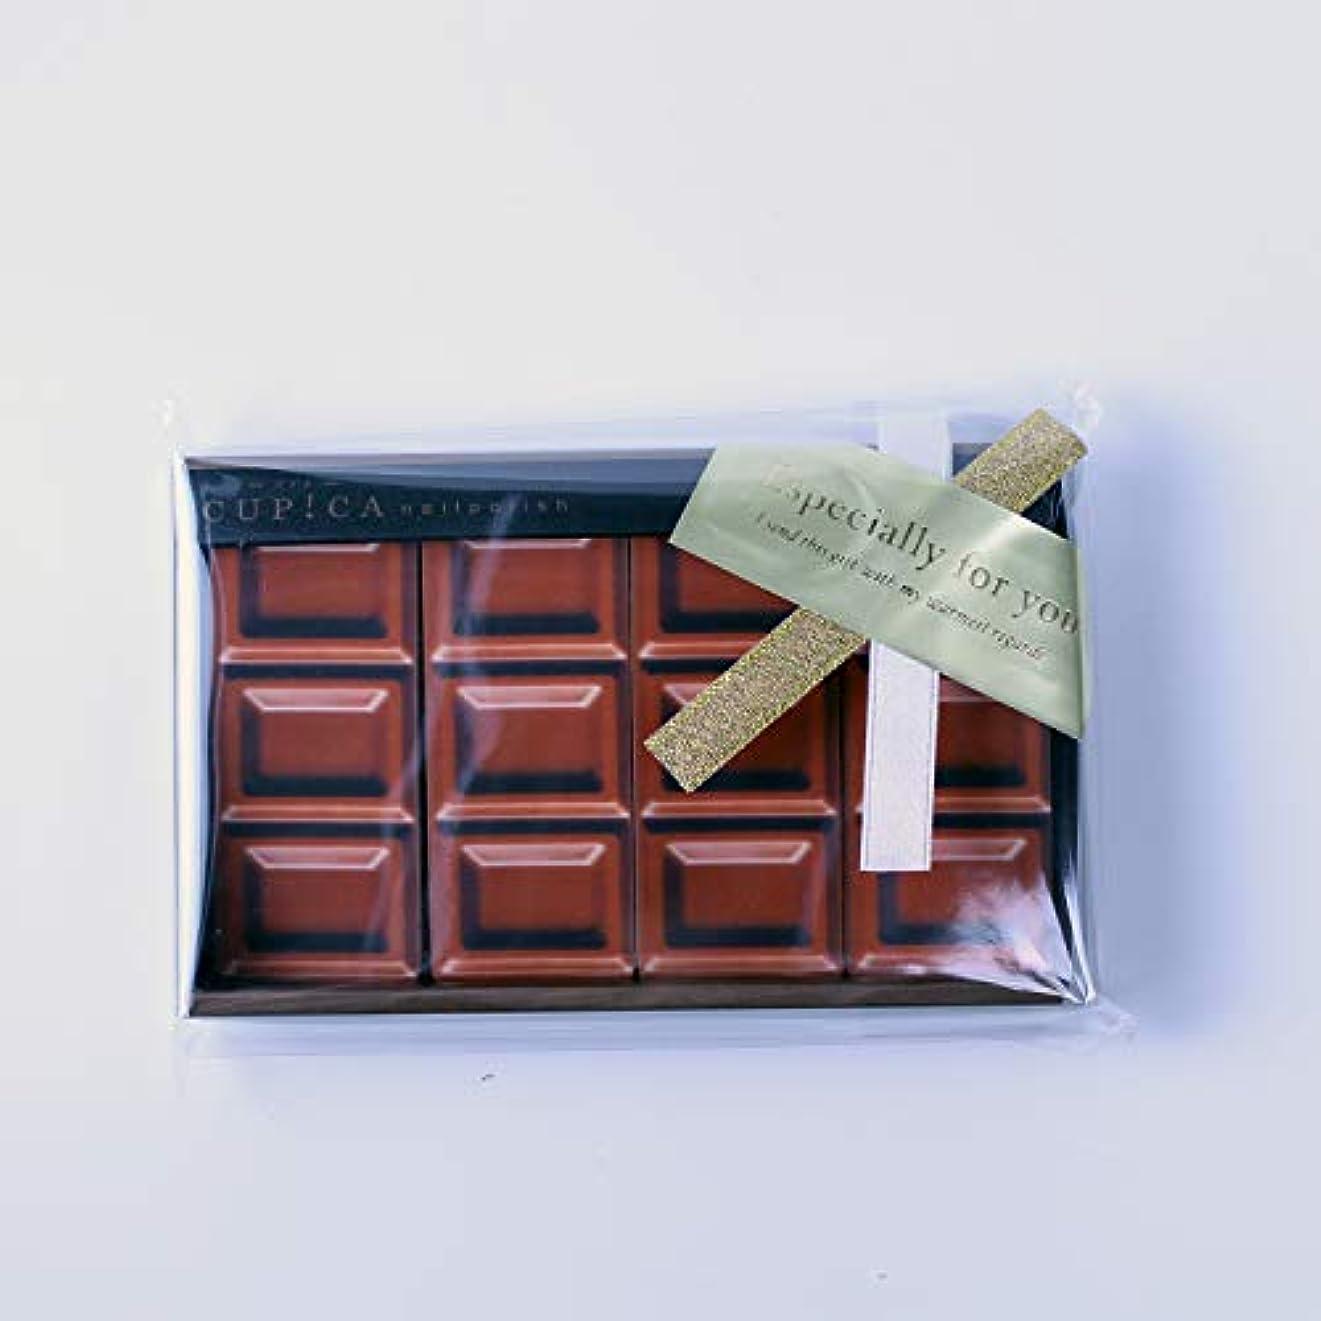 同行する一掃するヘビバレンタイン ホワイトデー ギフト お餞別 チョコのような爪磨き おもしろグッズ アルスキュピカ チョコレート柄 ギフトシール付 クリアケース入